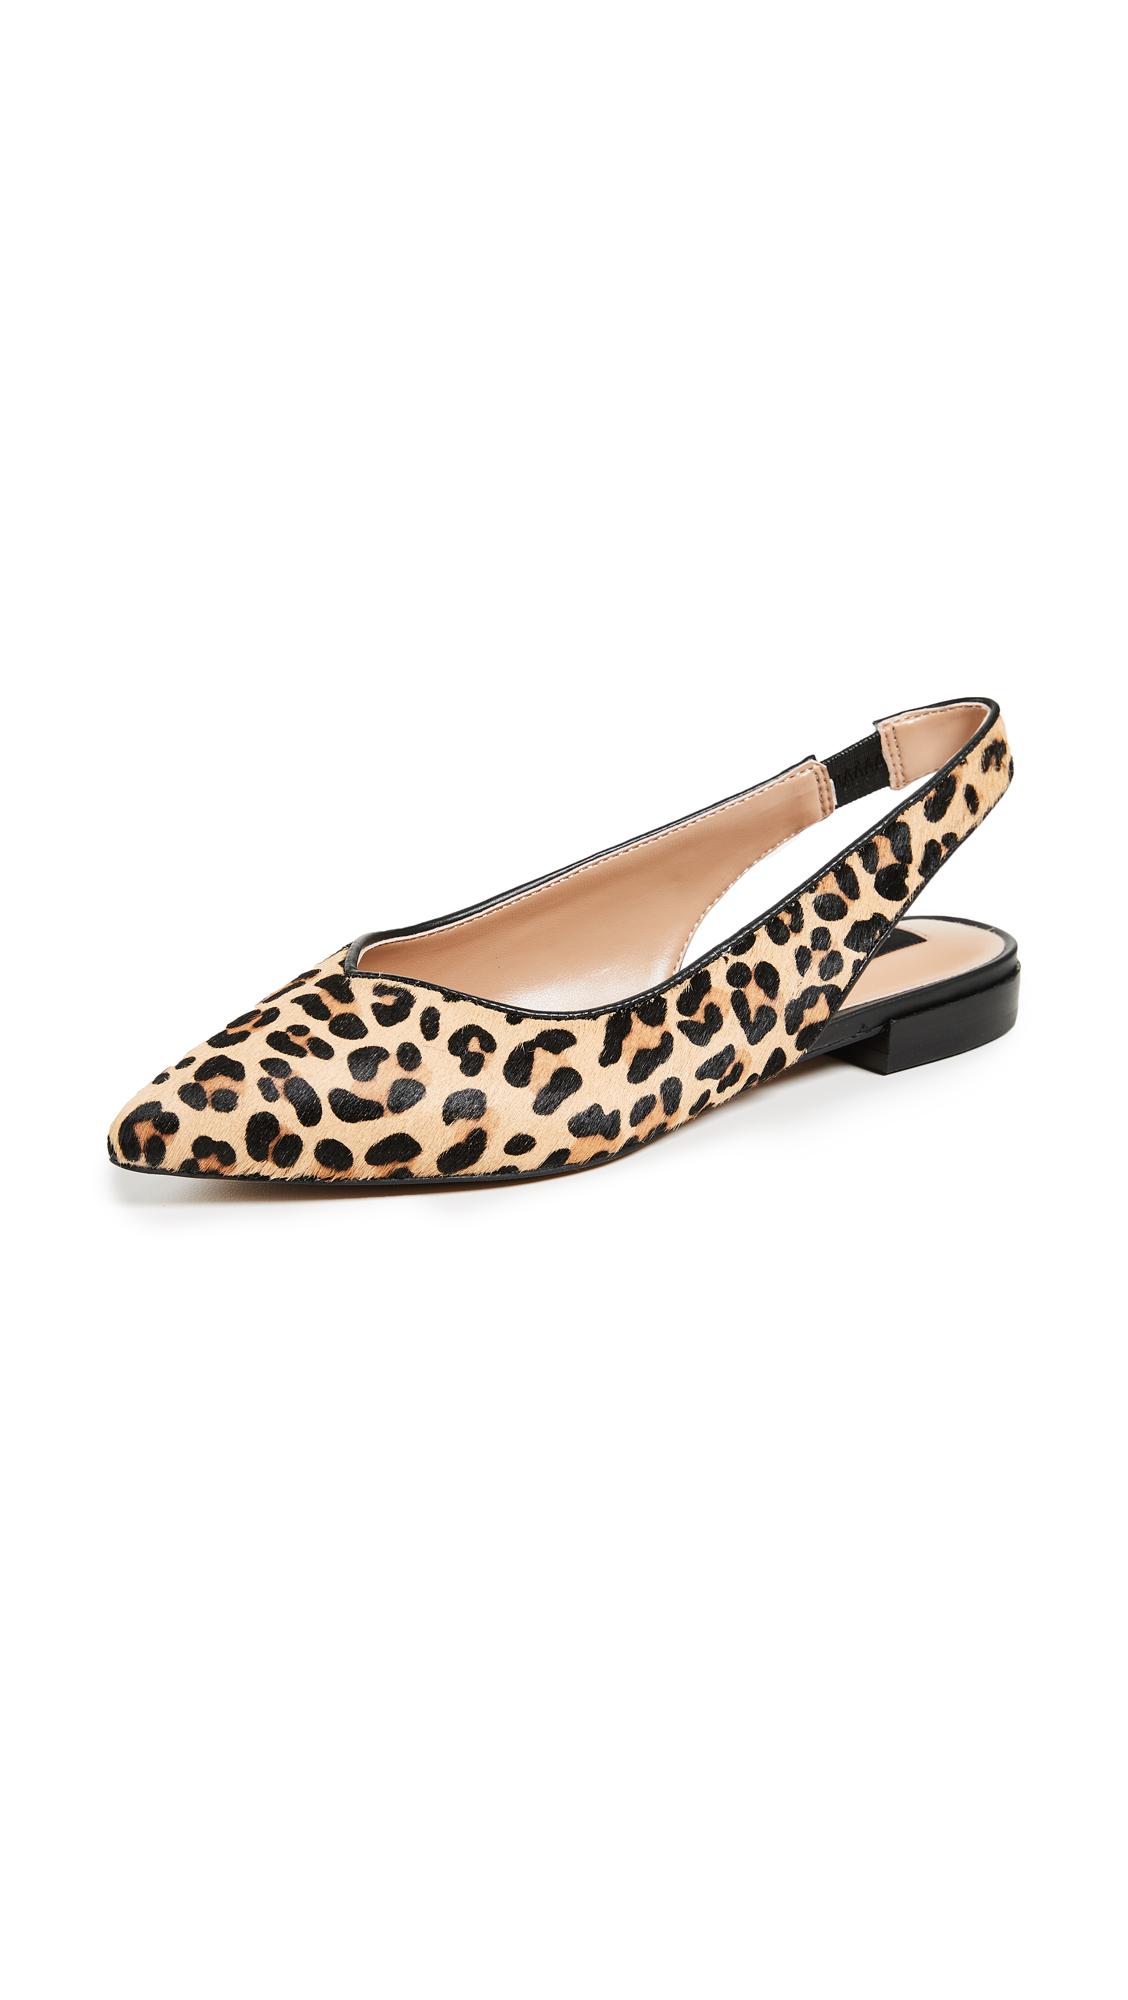 Steven Lourdes L Flats - Leopard